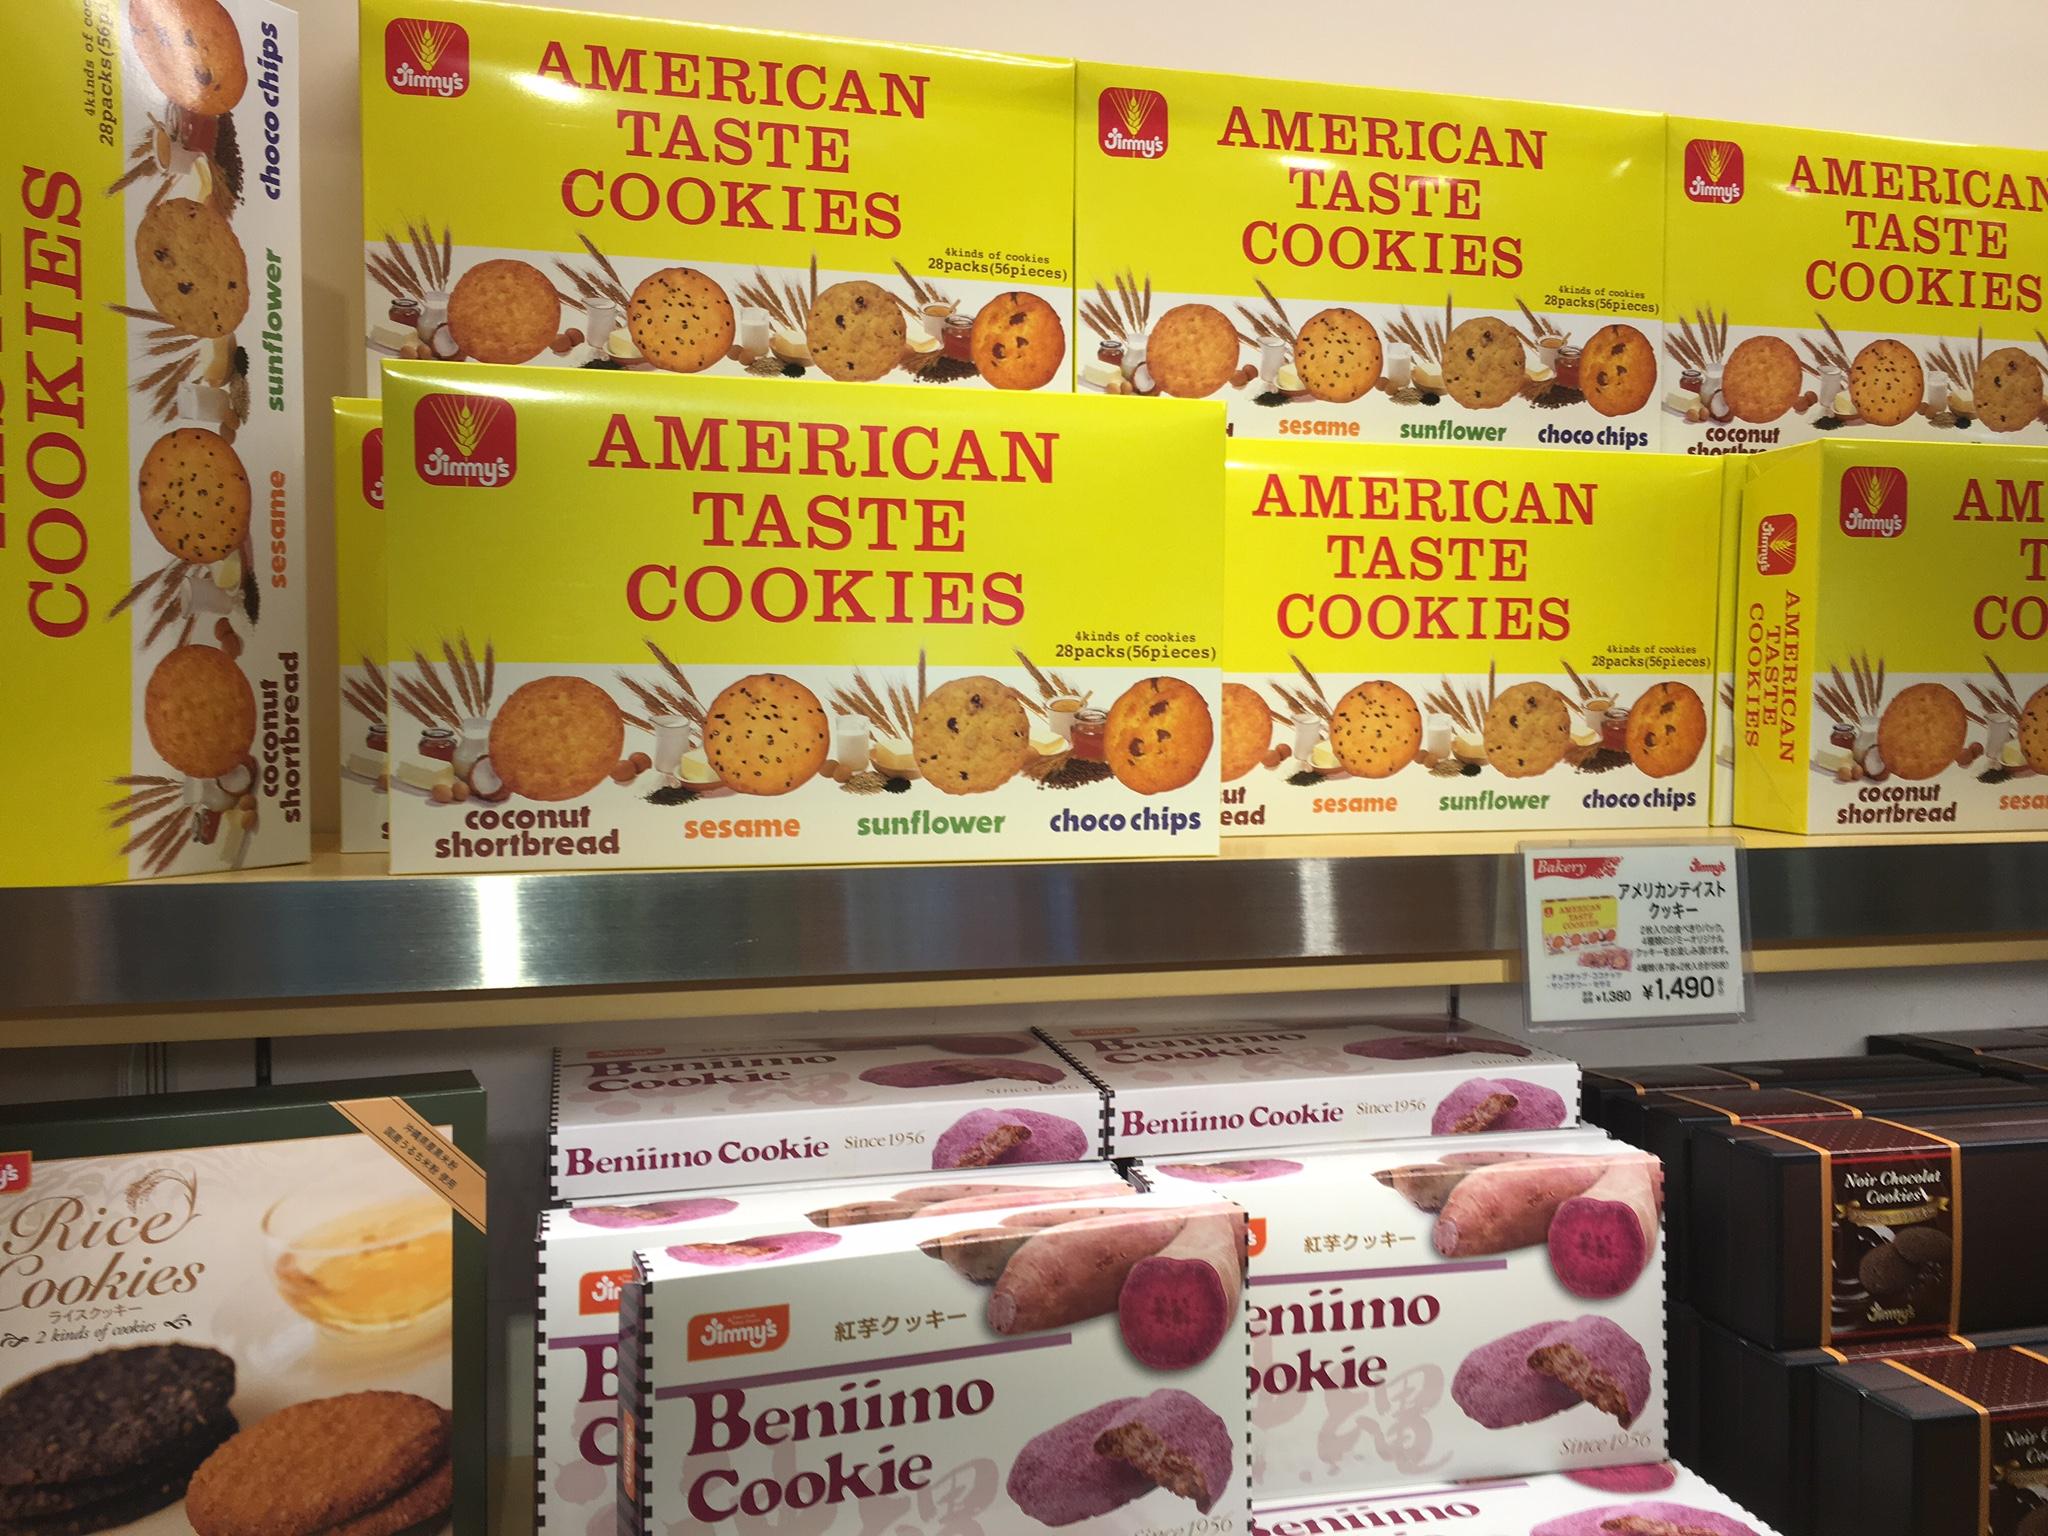 Ah yes, American Taste Cookies